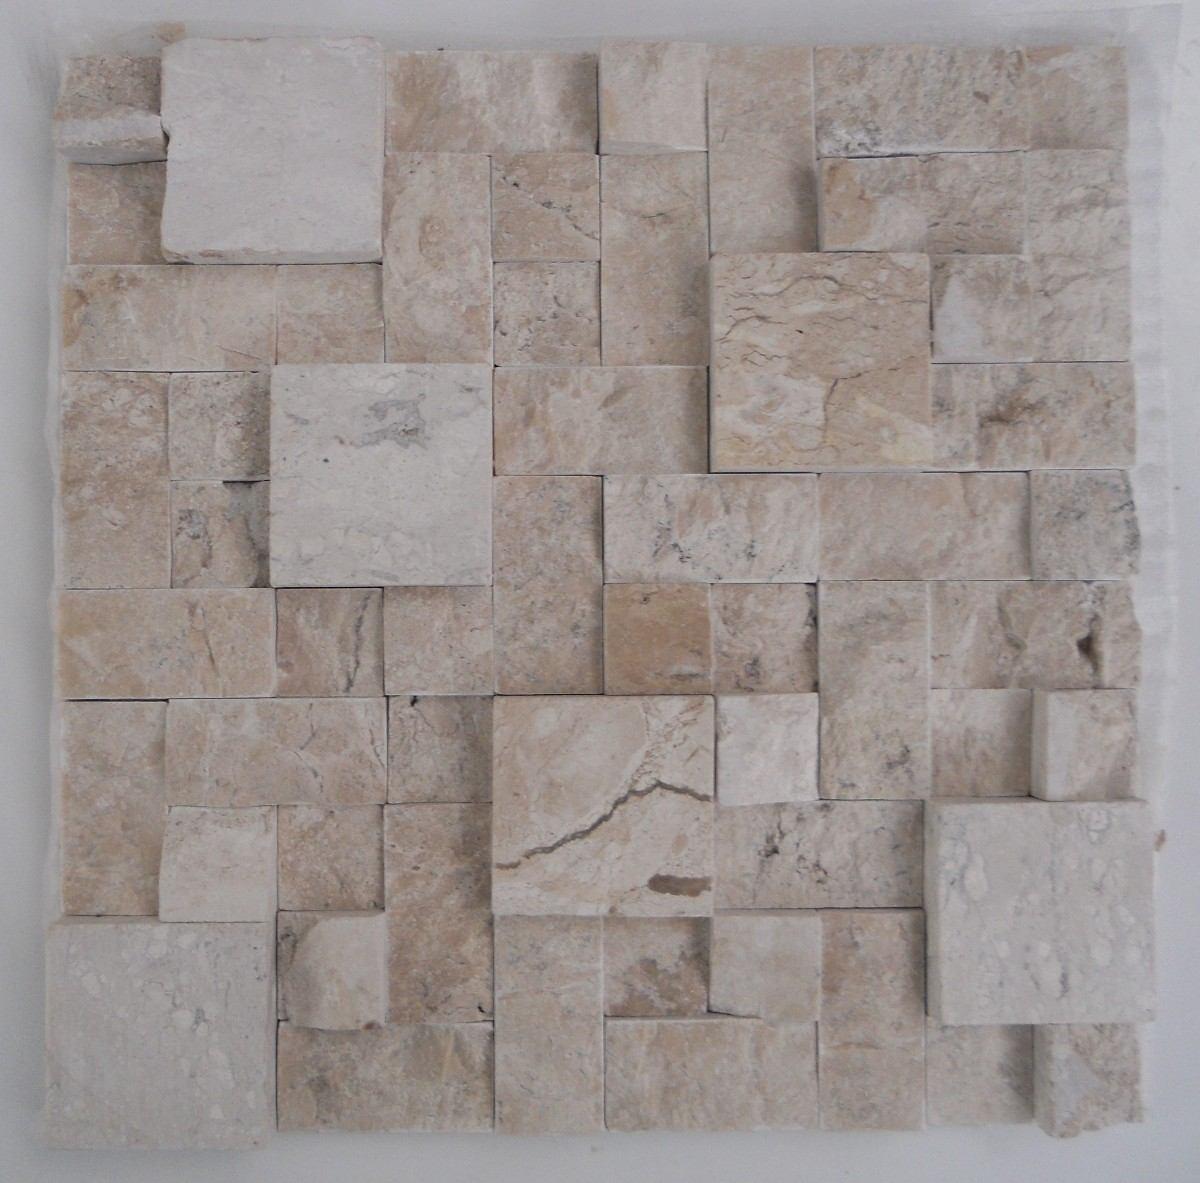 Mosaico De Mármore Branco/mármore Travertino Bege Bahia tela R$ 16  #655A52 1200x1183 Banheiro Branco Com Marmore Travertino